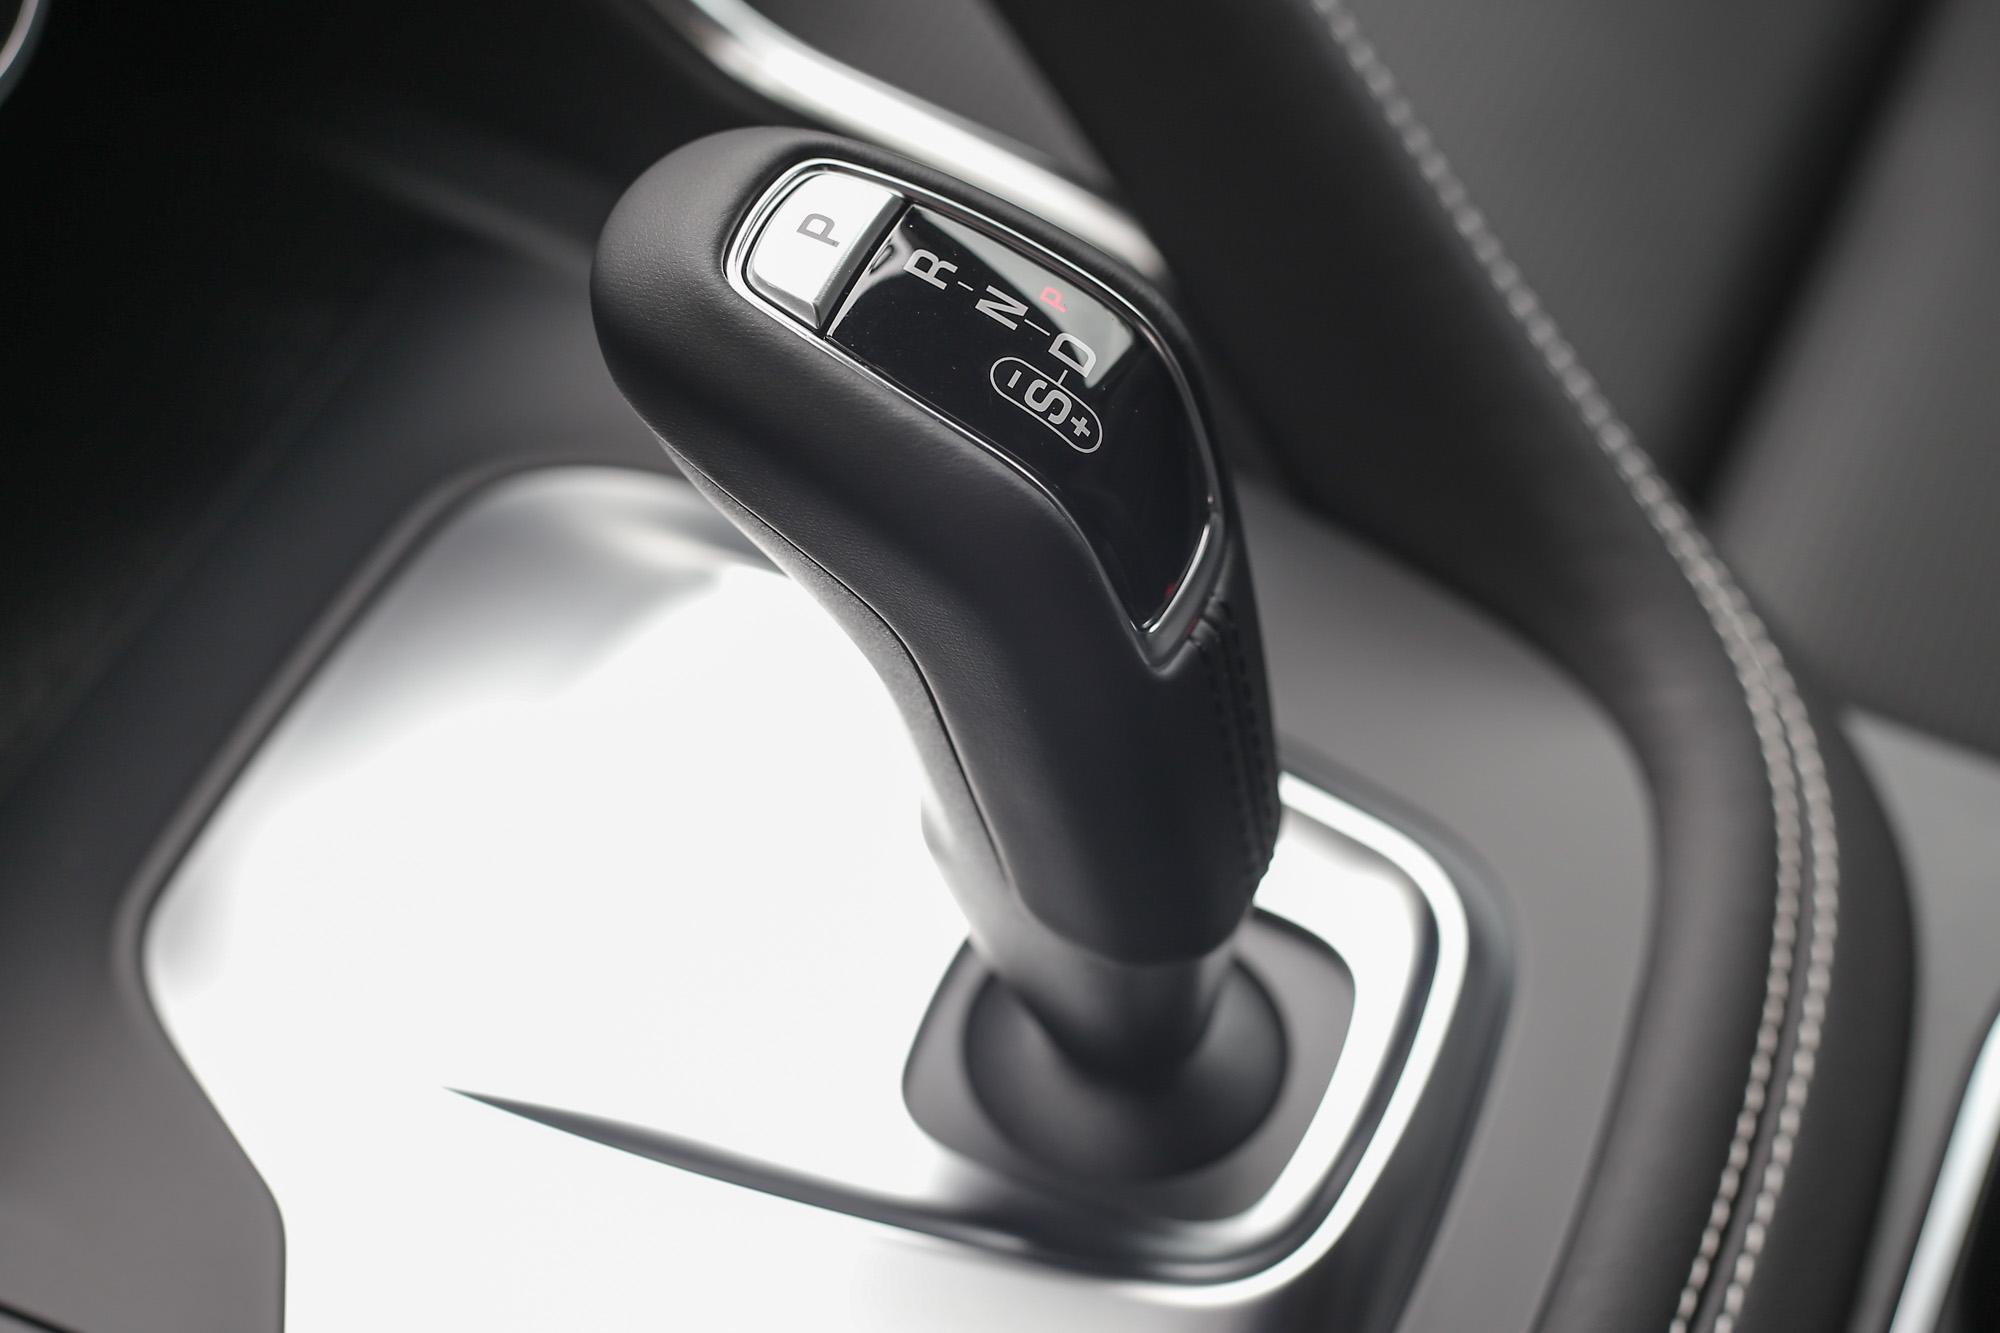 連接九速手自排變速系統,原廠宣稱可於10.5秒完成0-100km/h加速過程,極速為193km/h。